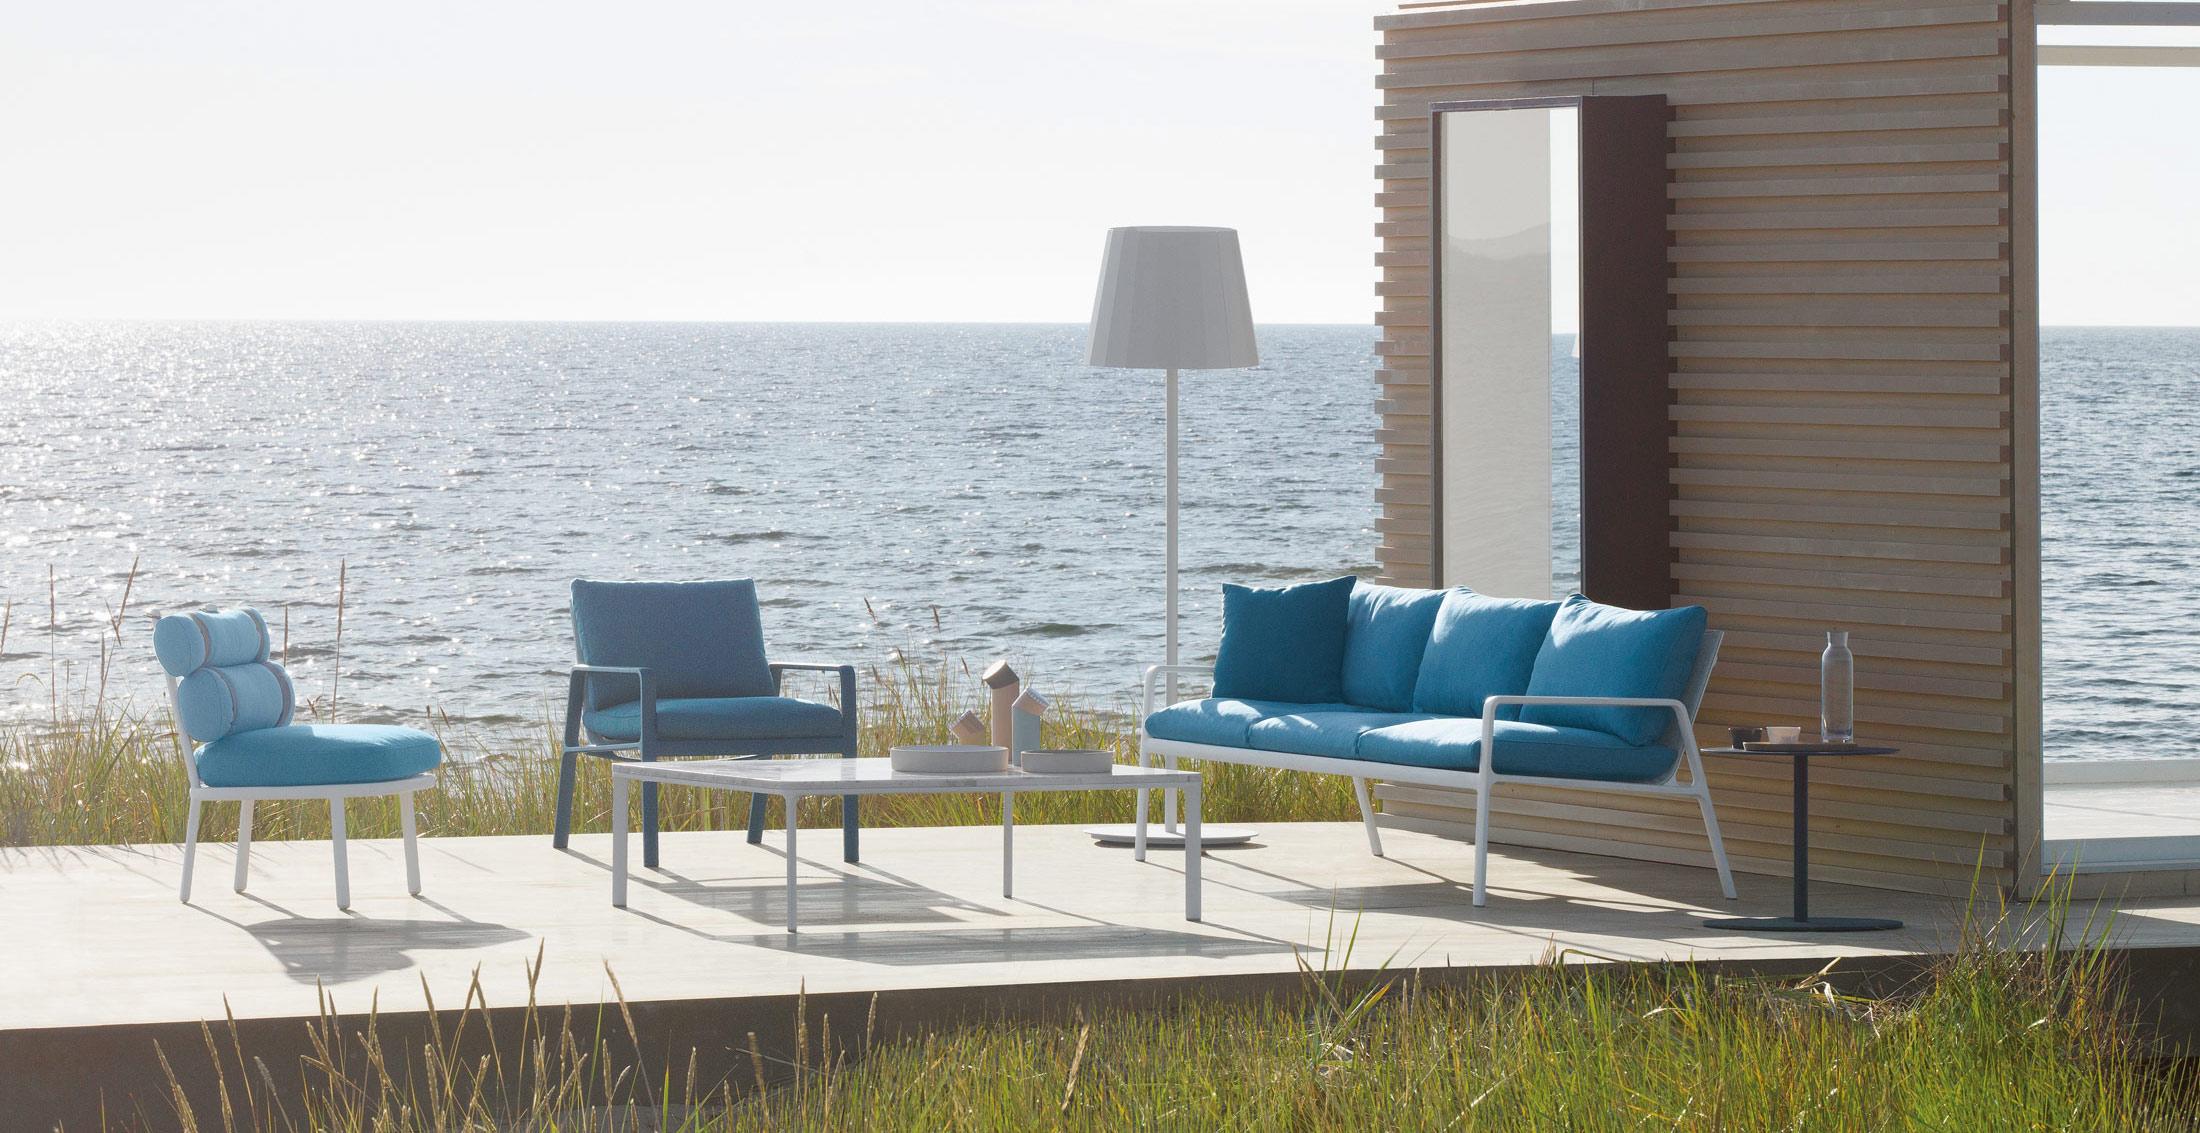 Muebles De Exterior Mallorca Muebles Terraza Muebles Jard N  # Muebles Oh Mallorca